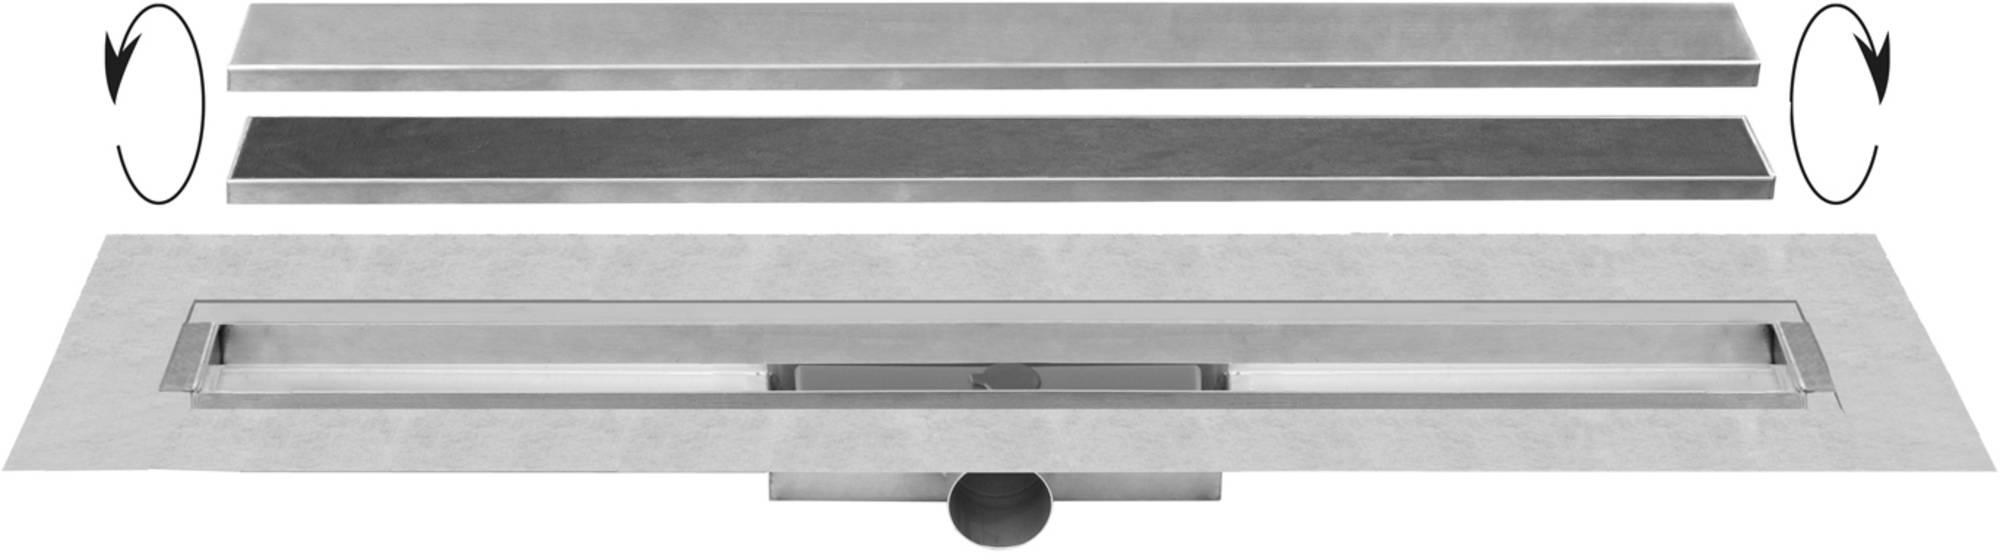 Easydrain Compact 50 taf afvoergoot 80 cm,rooster als zero of tegel design, rvs